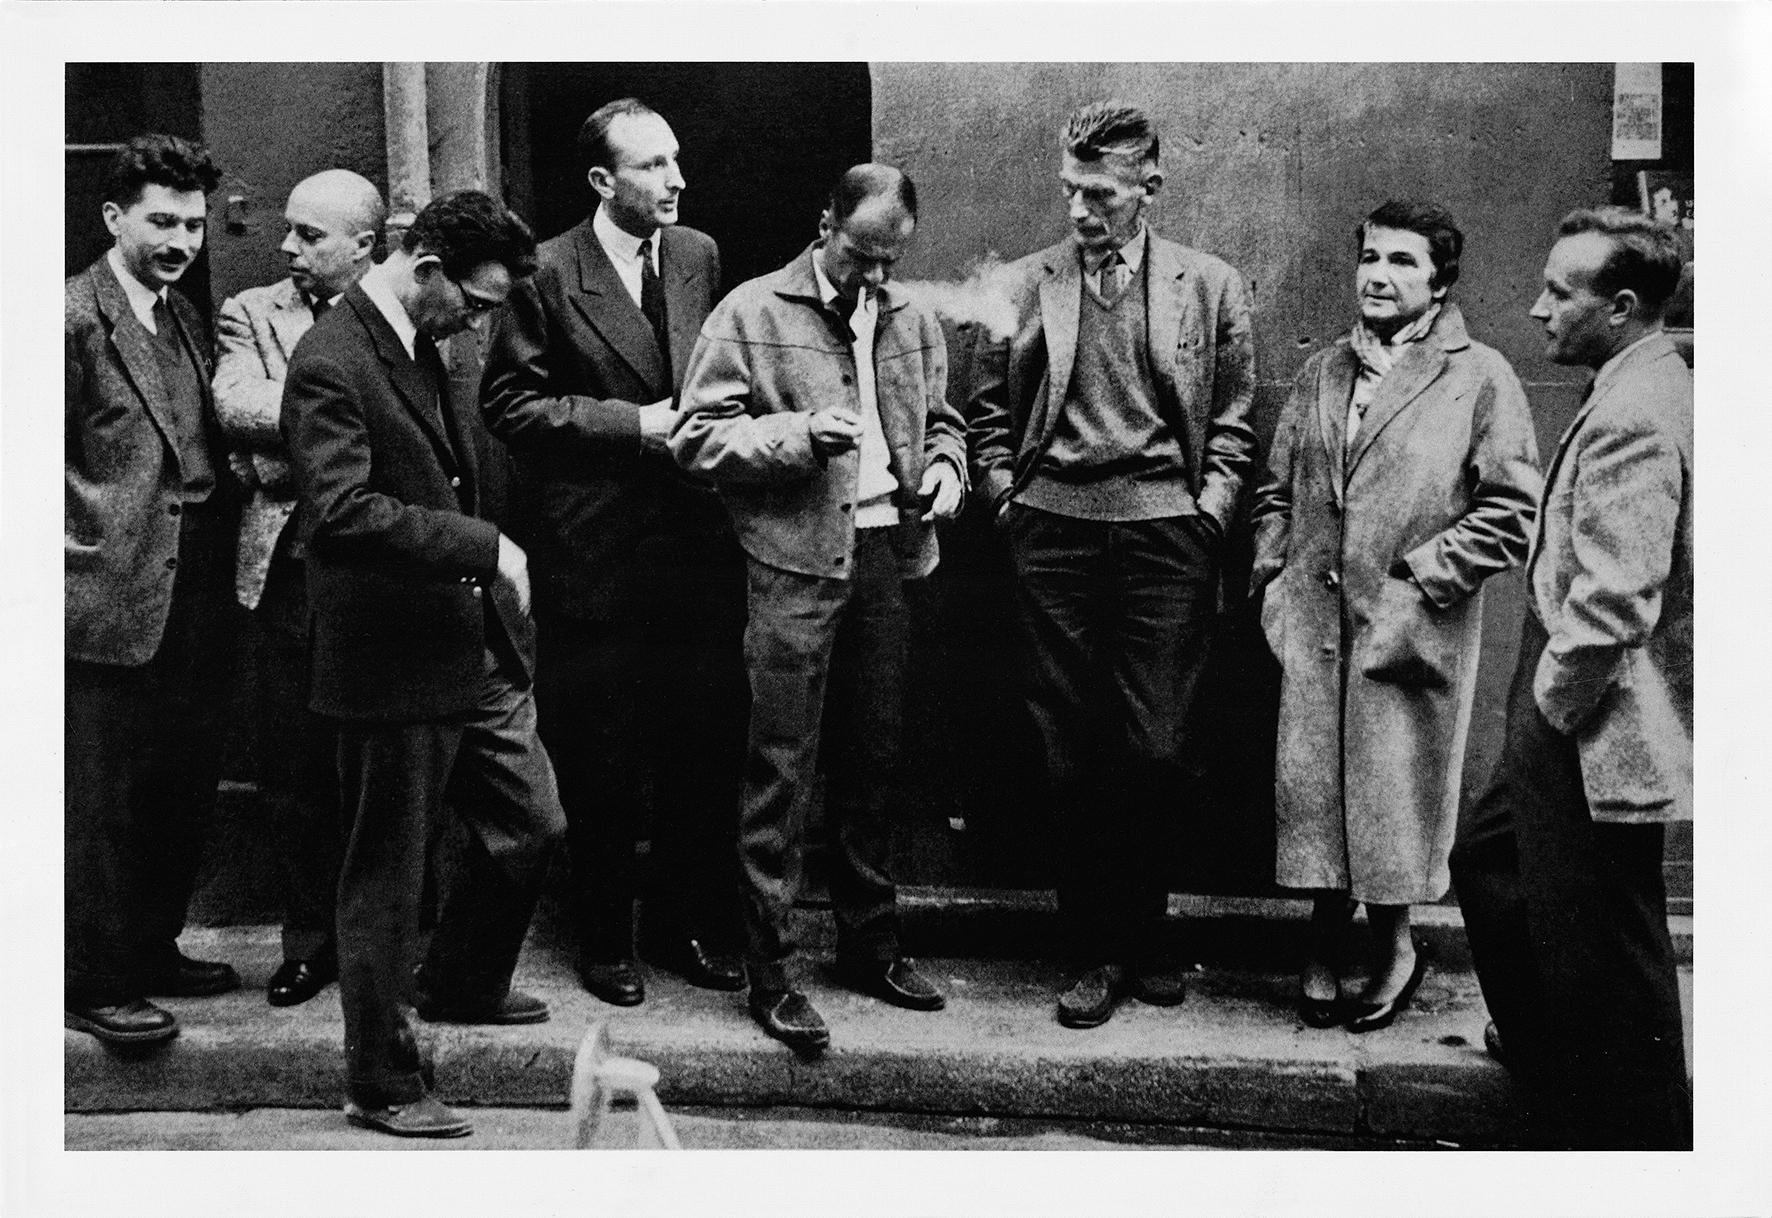 Mario Dondero, Il gruppo degli scrittori del Nouveau Roman 1959